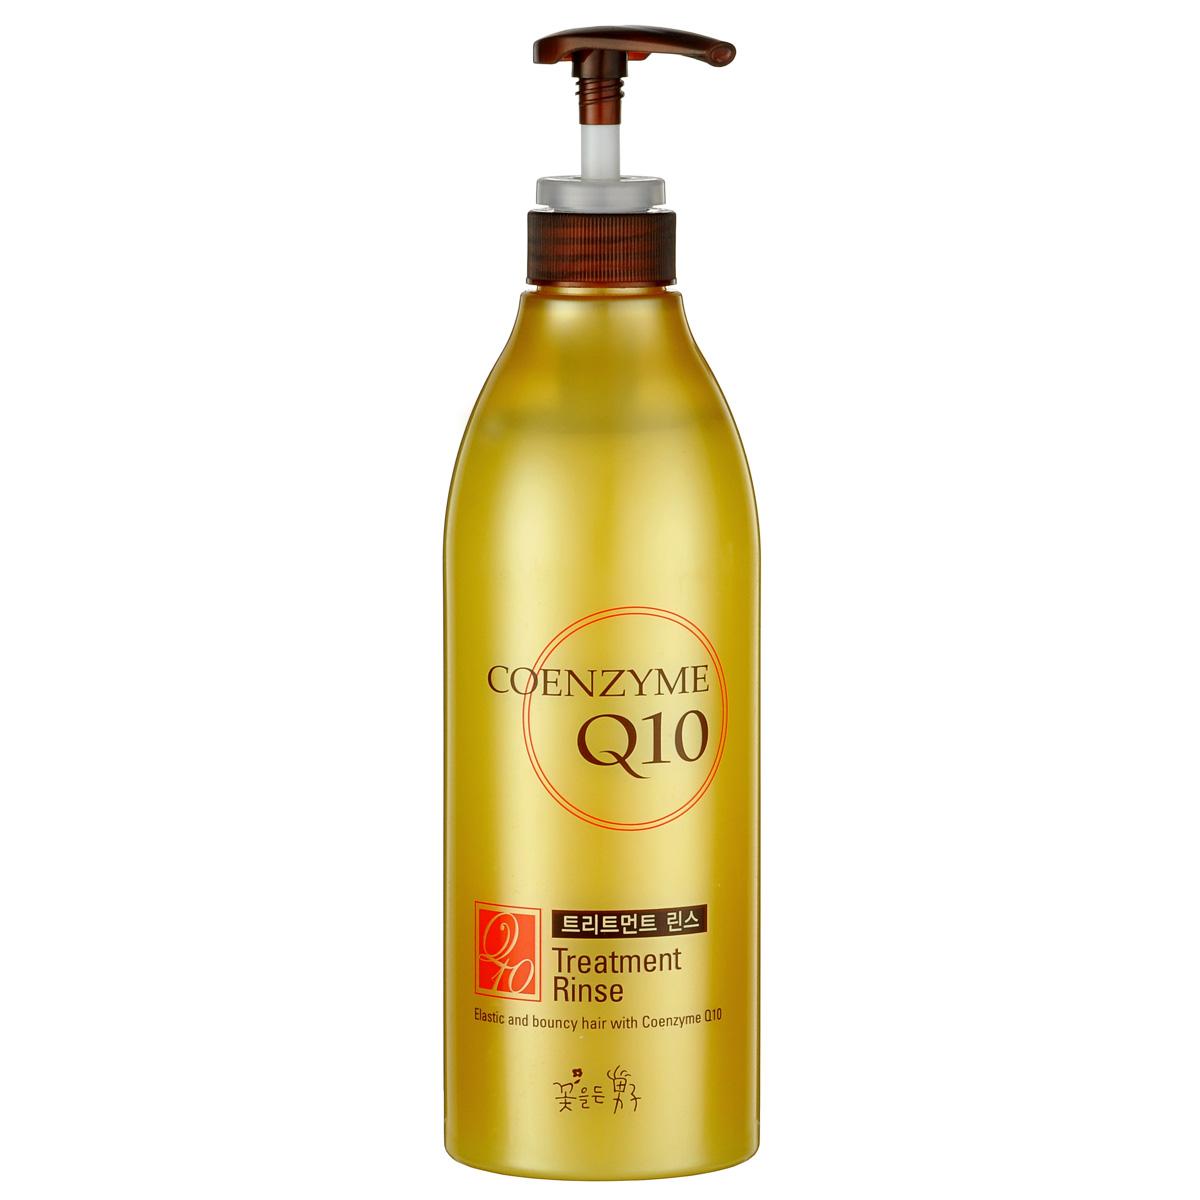 Somang Coenzyme Q10 Кондиционер для волос, 720 млMP59.4DВозвращает волосам их естественную мягкость и послушность. Содержит экстракт бутонов Даурской Розы. Для всех типов волос. Подходит для ежедневного использования.